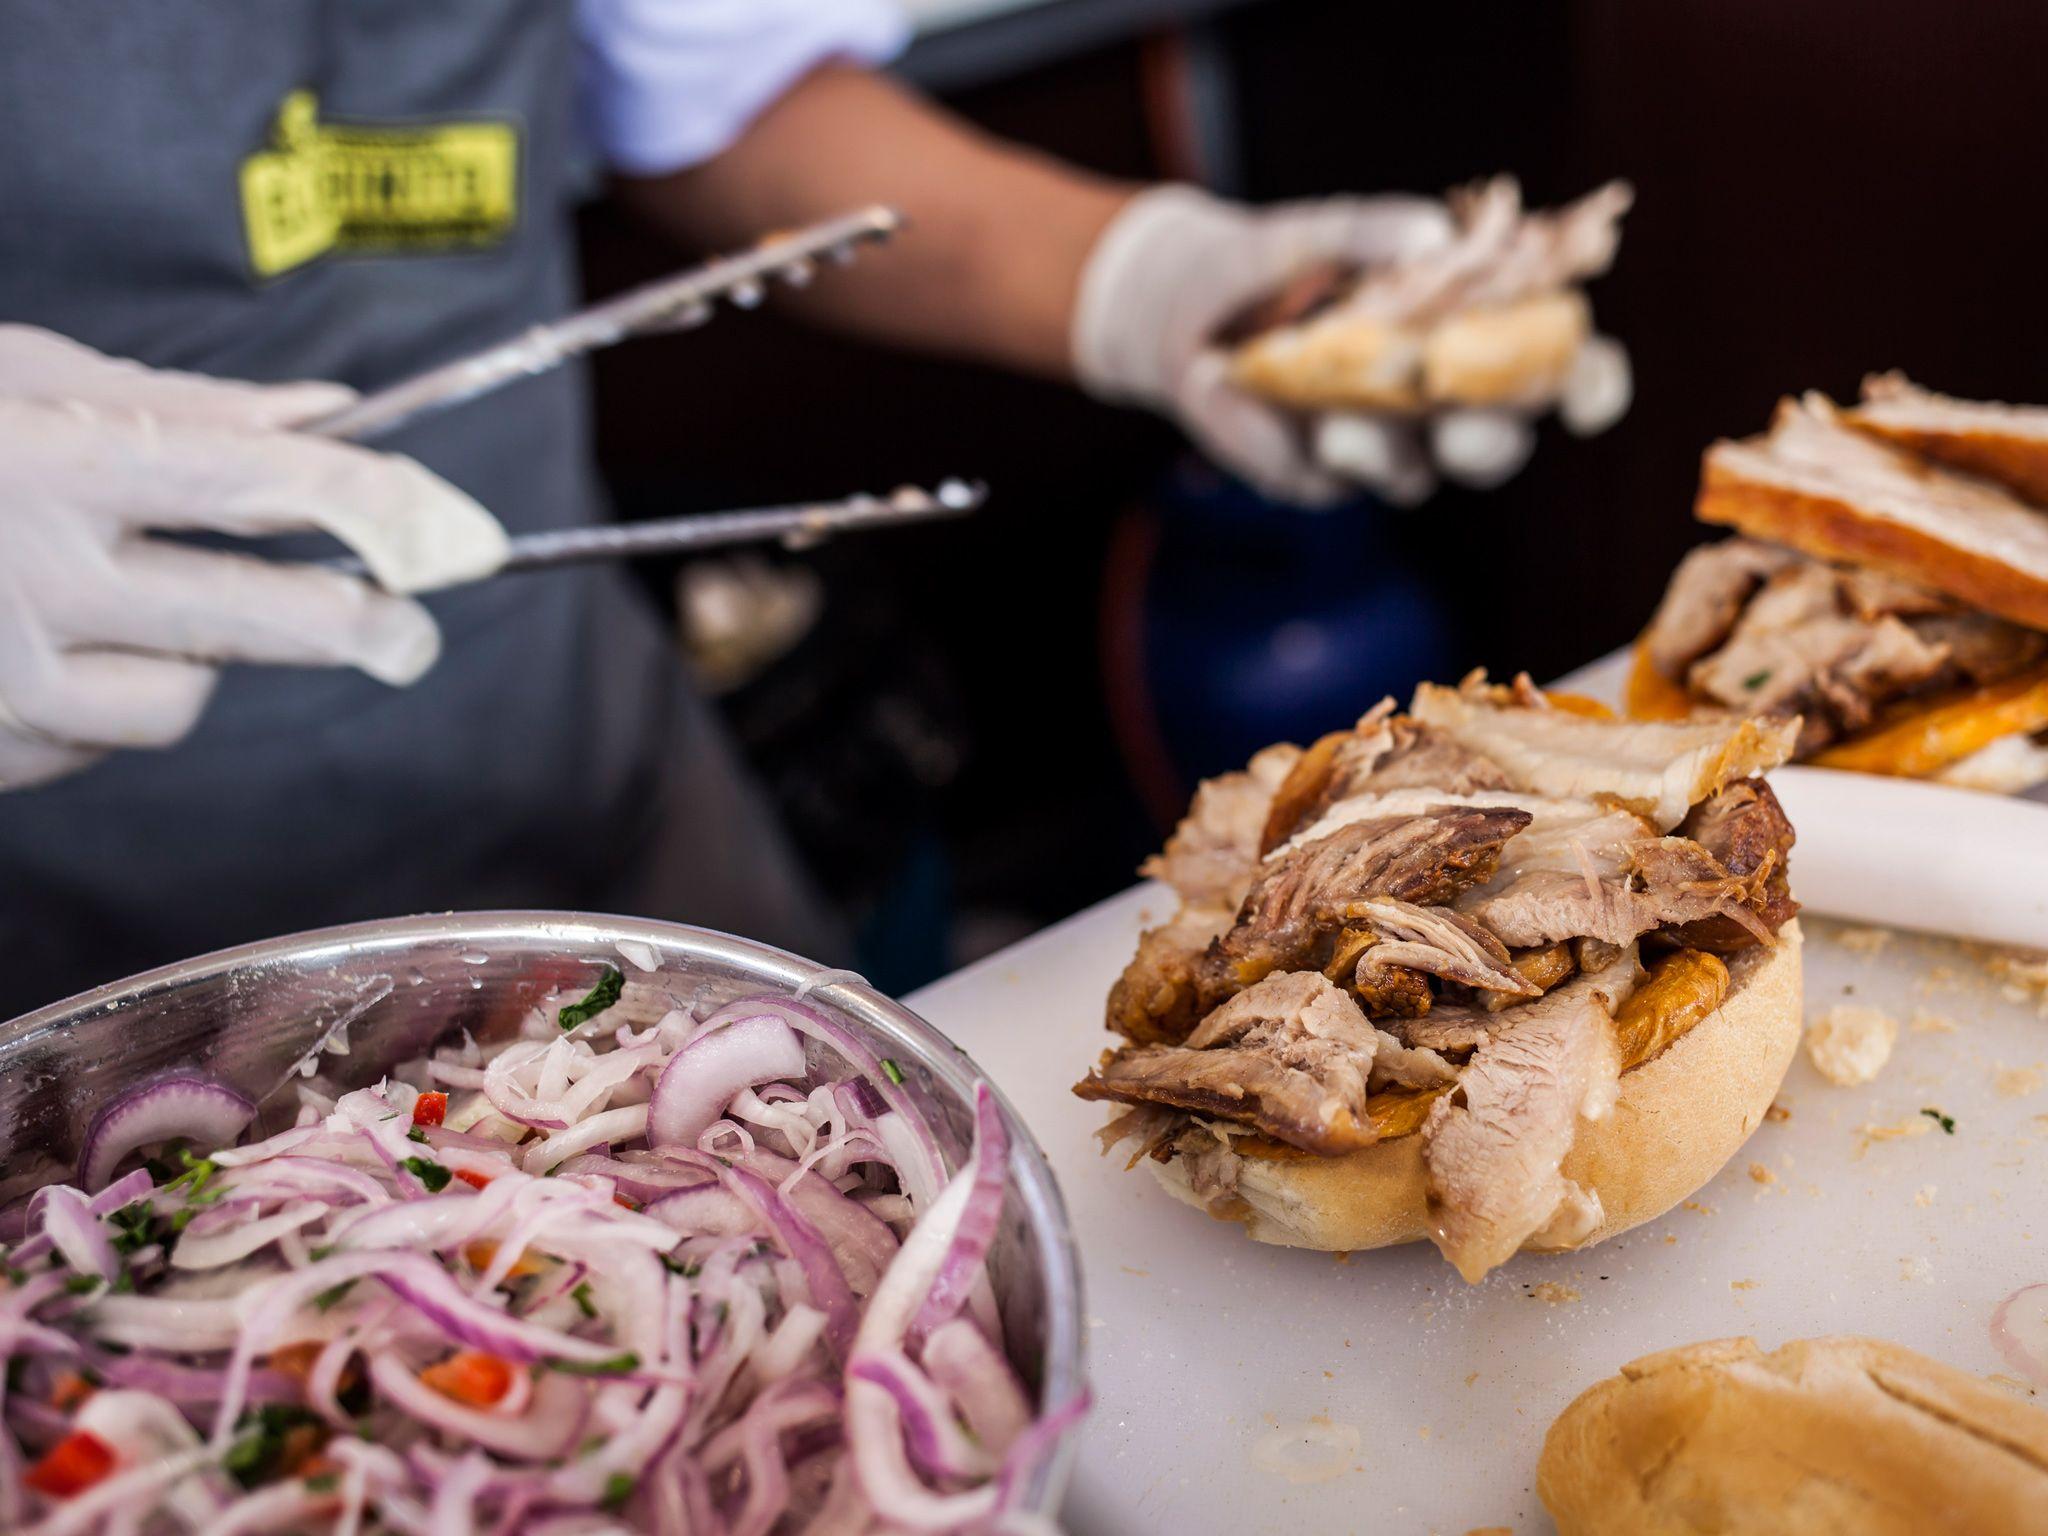 The 5 Best Restaurants In Lima, Peru - Eat Peru |Lima Peruvian Favorite Foods